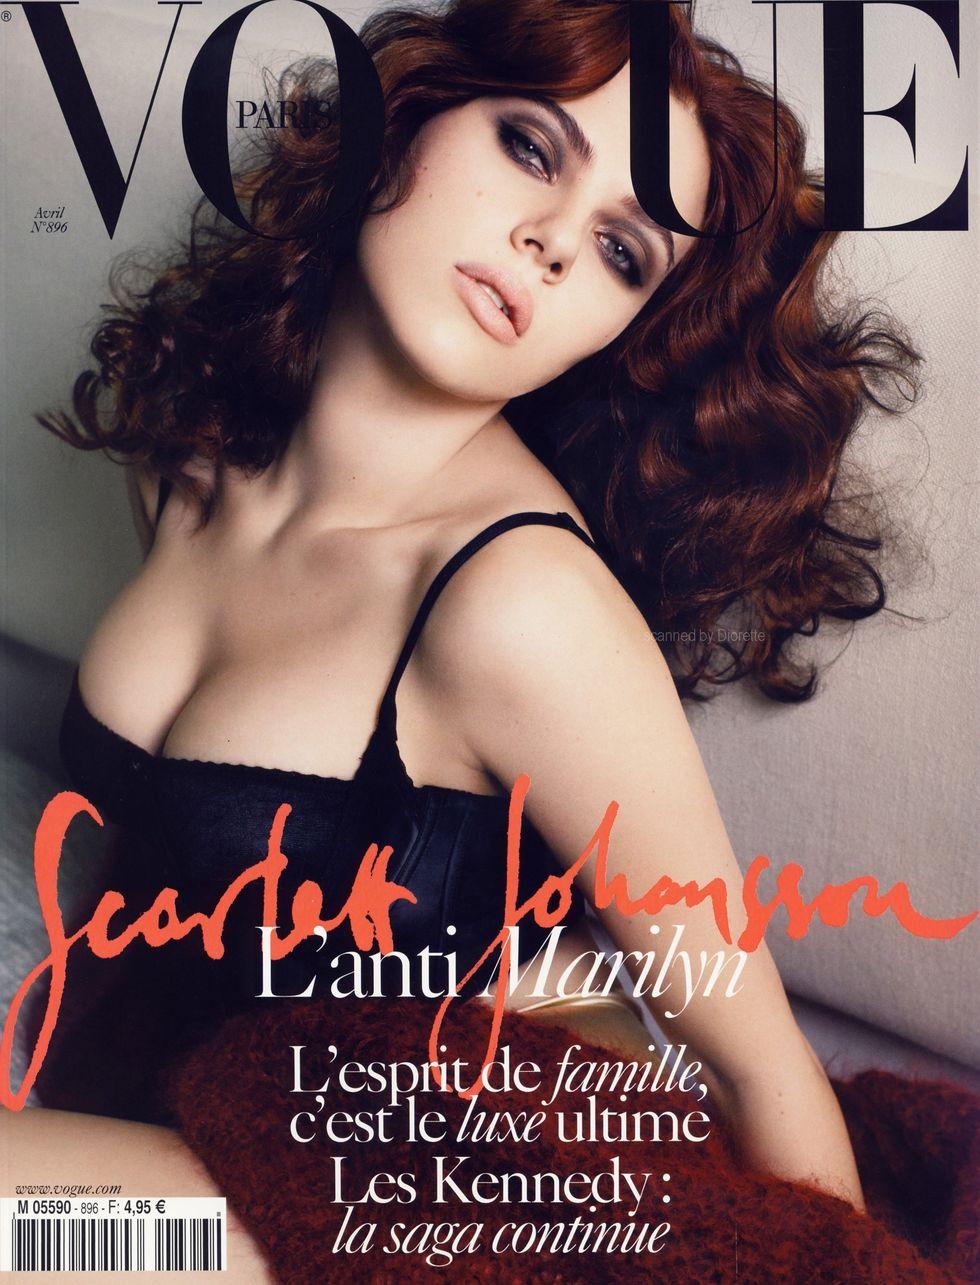 scarlett-johansson-vogue-paris-magazine-cover-aprril-2009-01